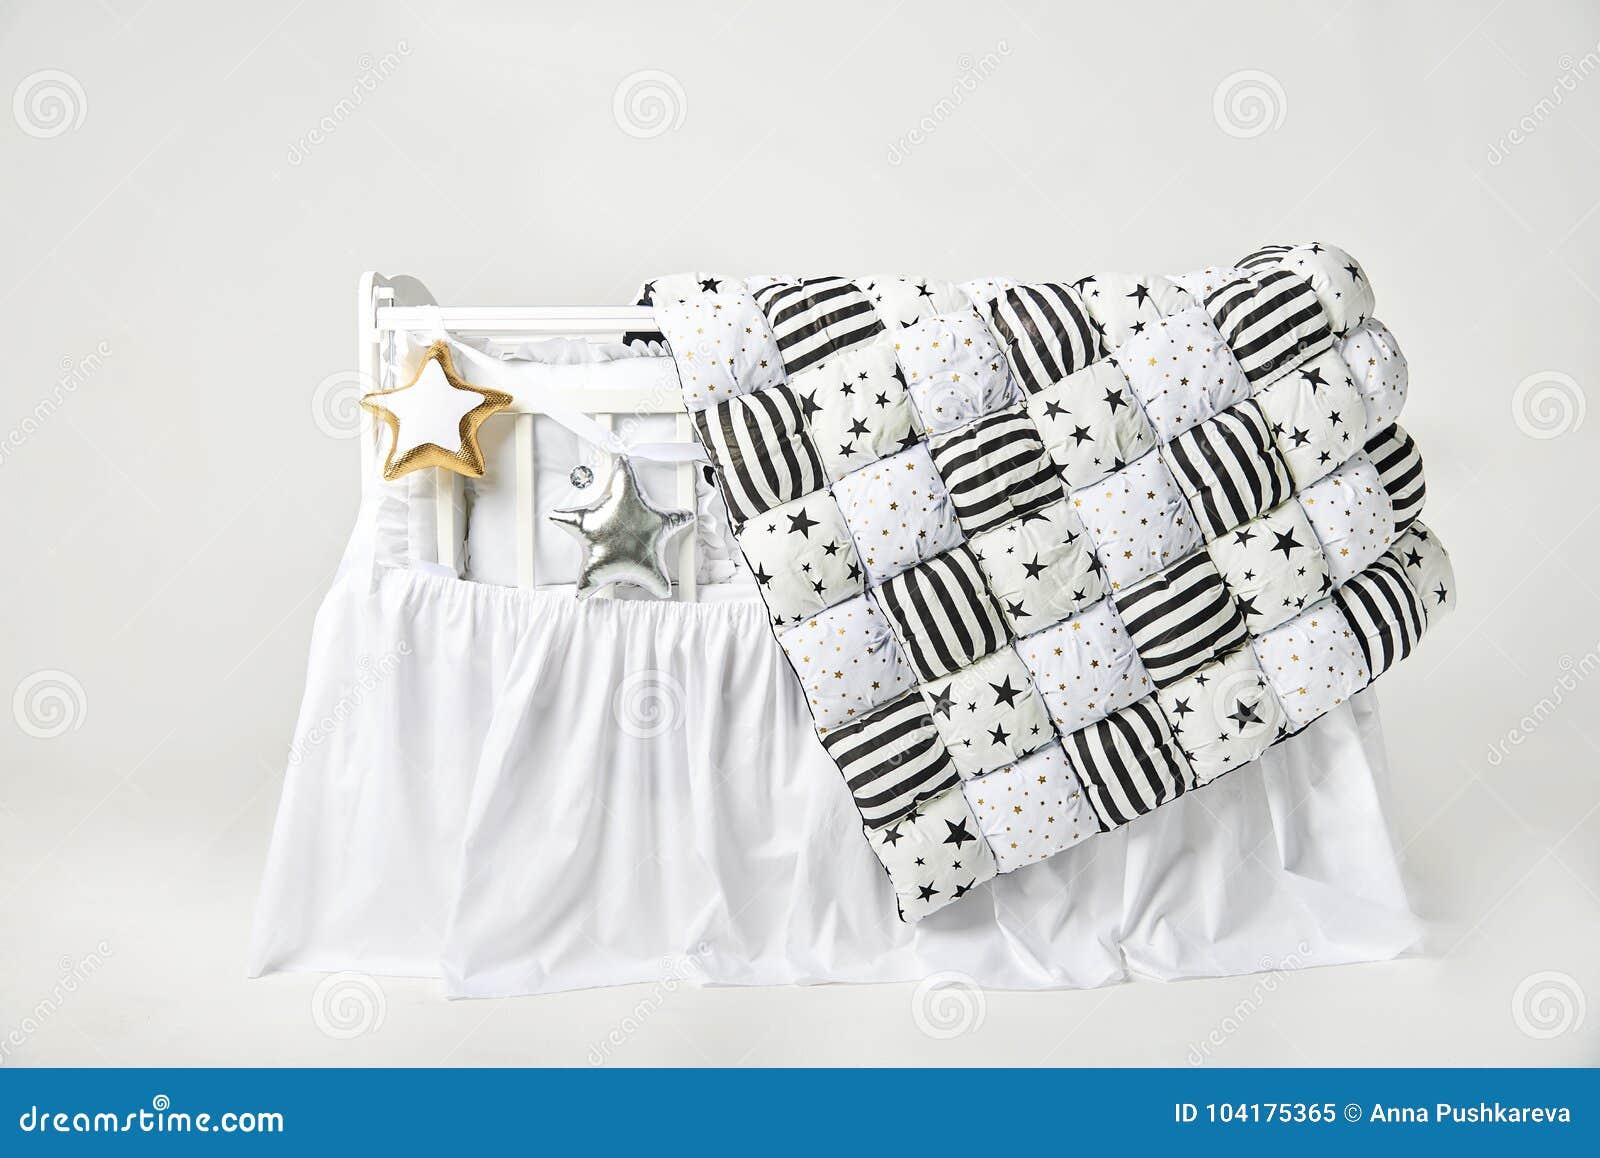 银和金星状枕头和补缀品橡皮奶嘴在一张白色婴儿床